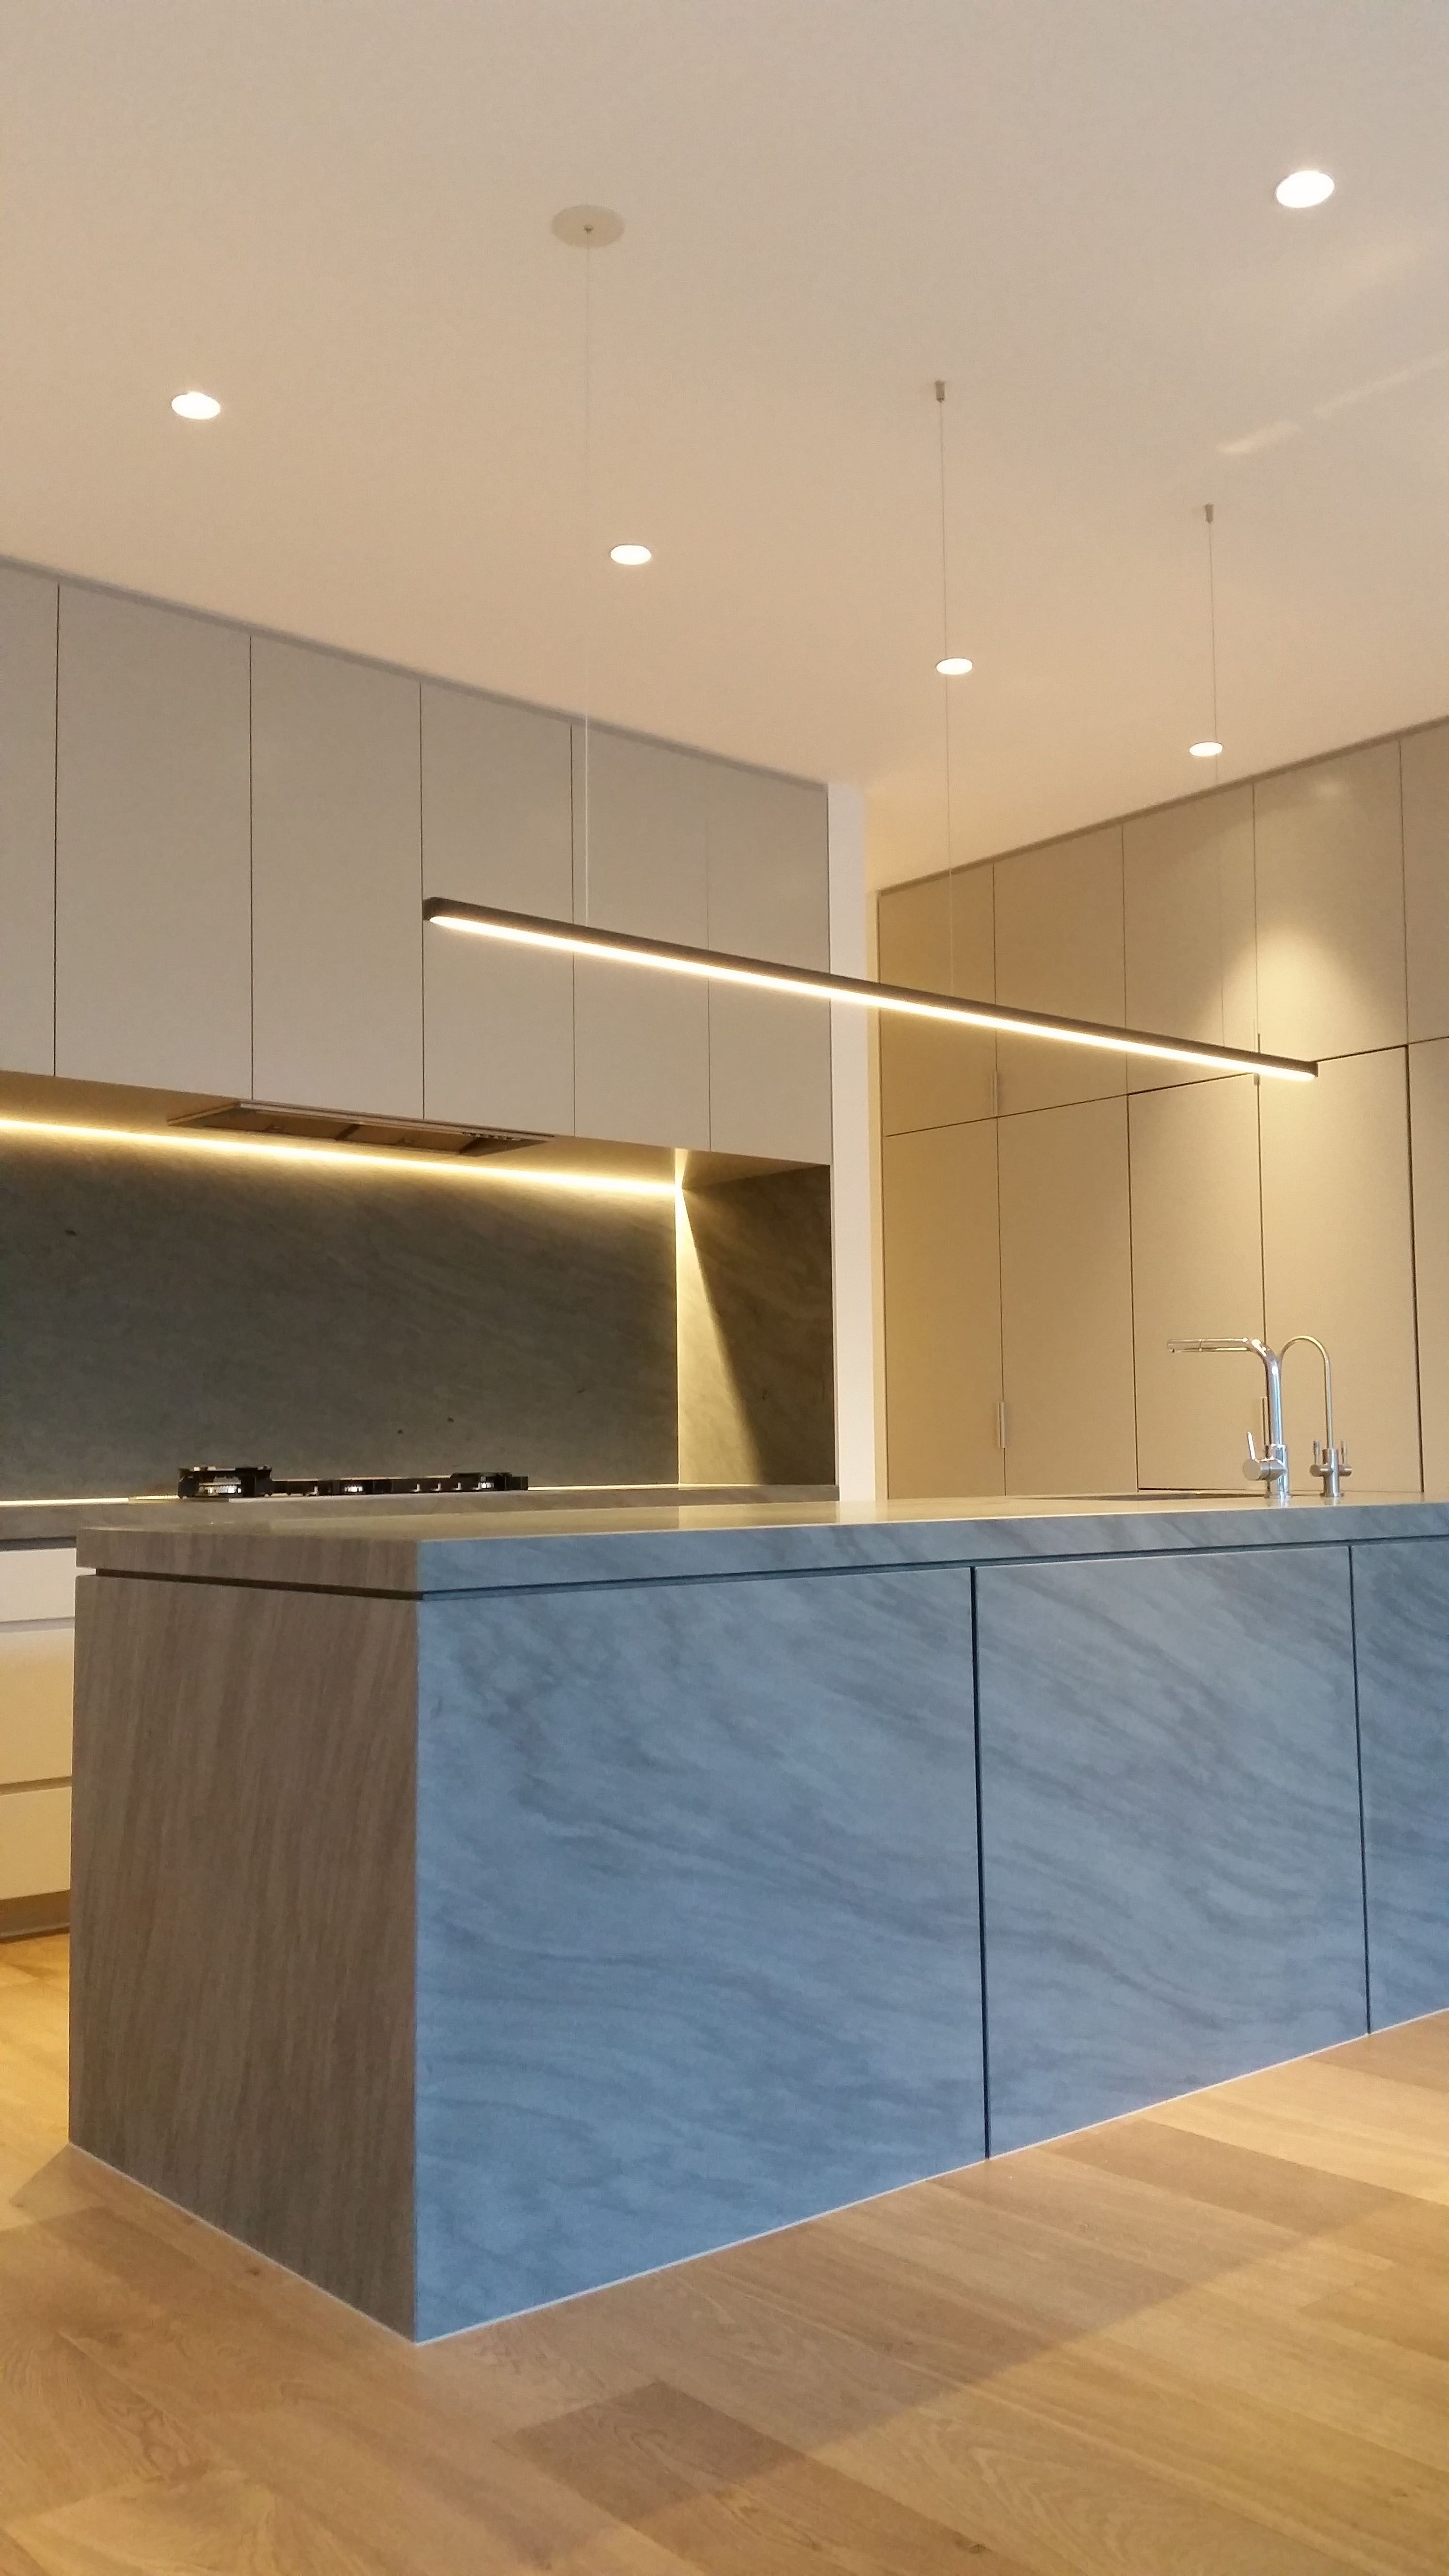 Modern Suspended Profile Kitchen Led Downlights Designer Lights Stove Top Recessed Design Www Darkon Au